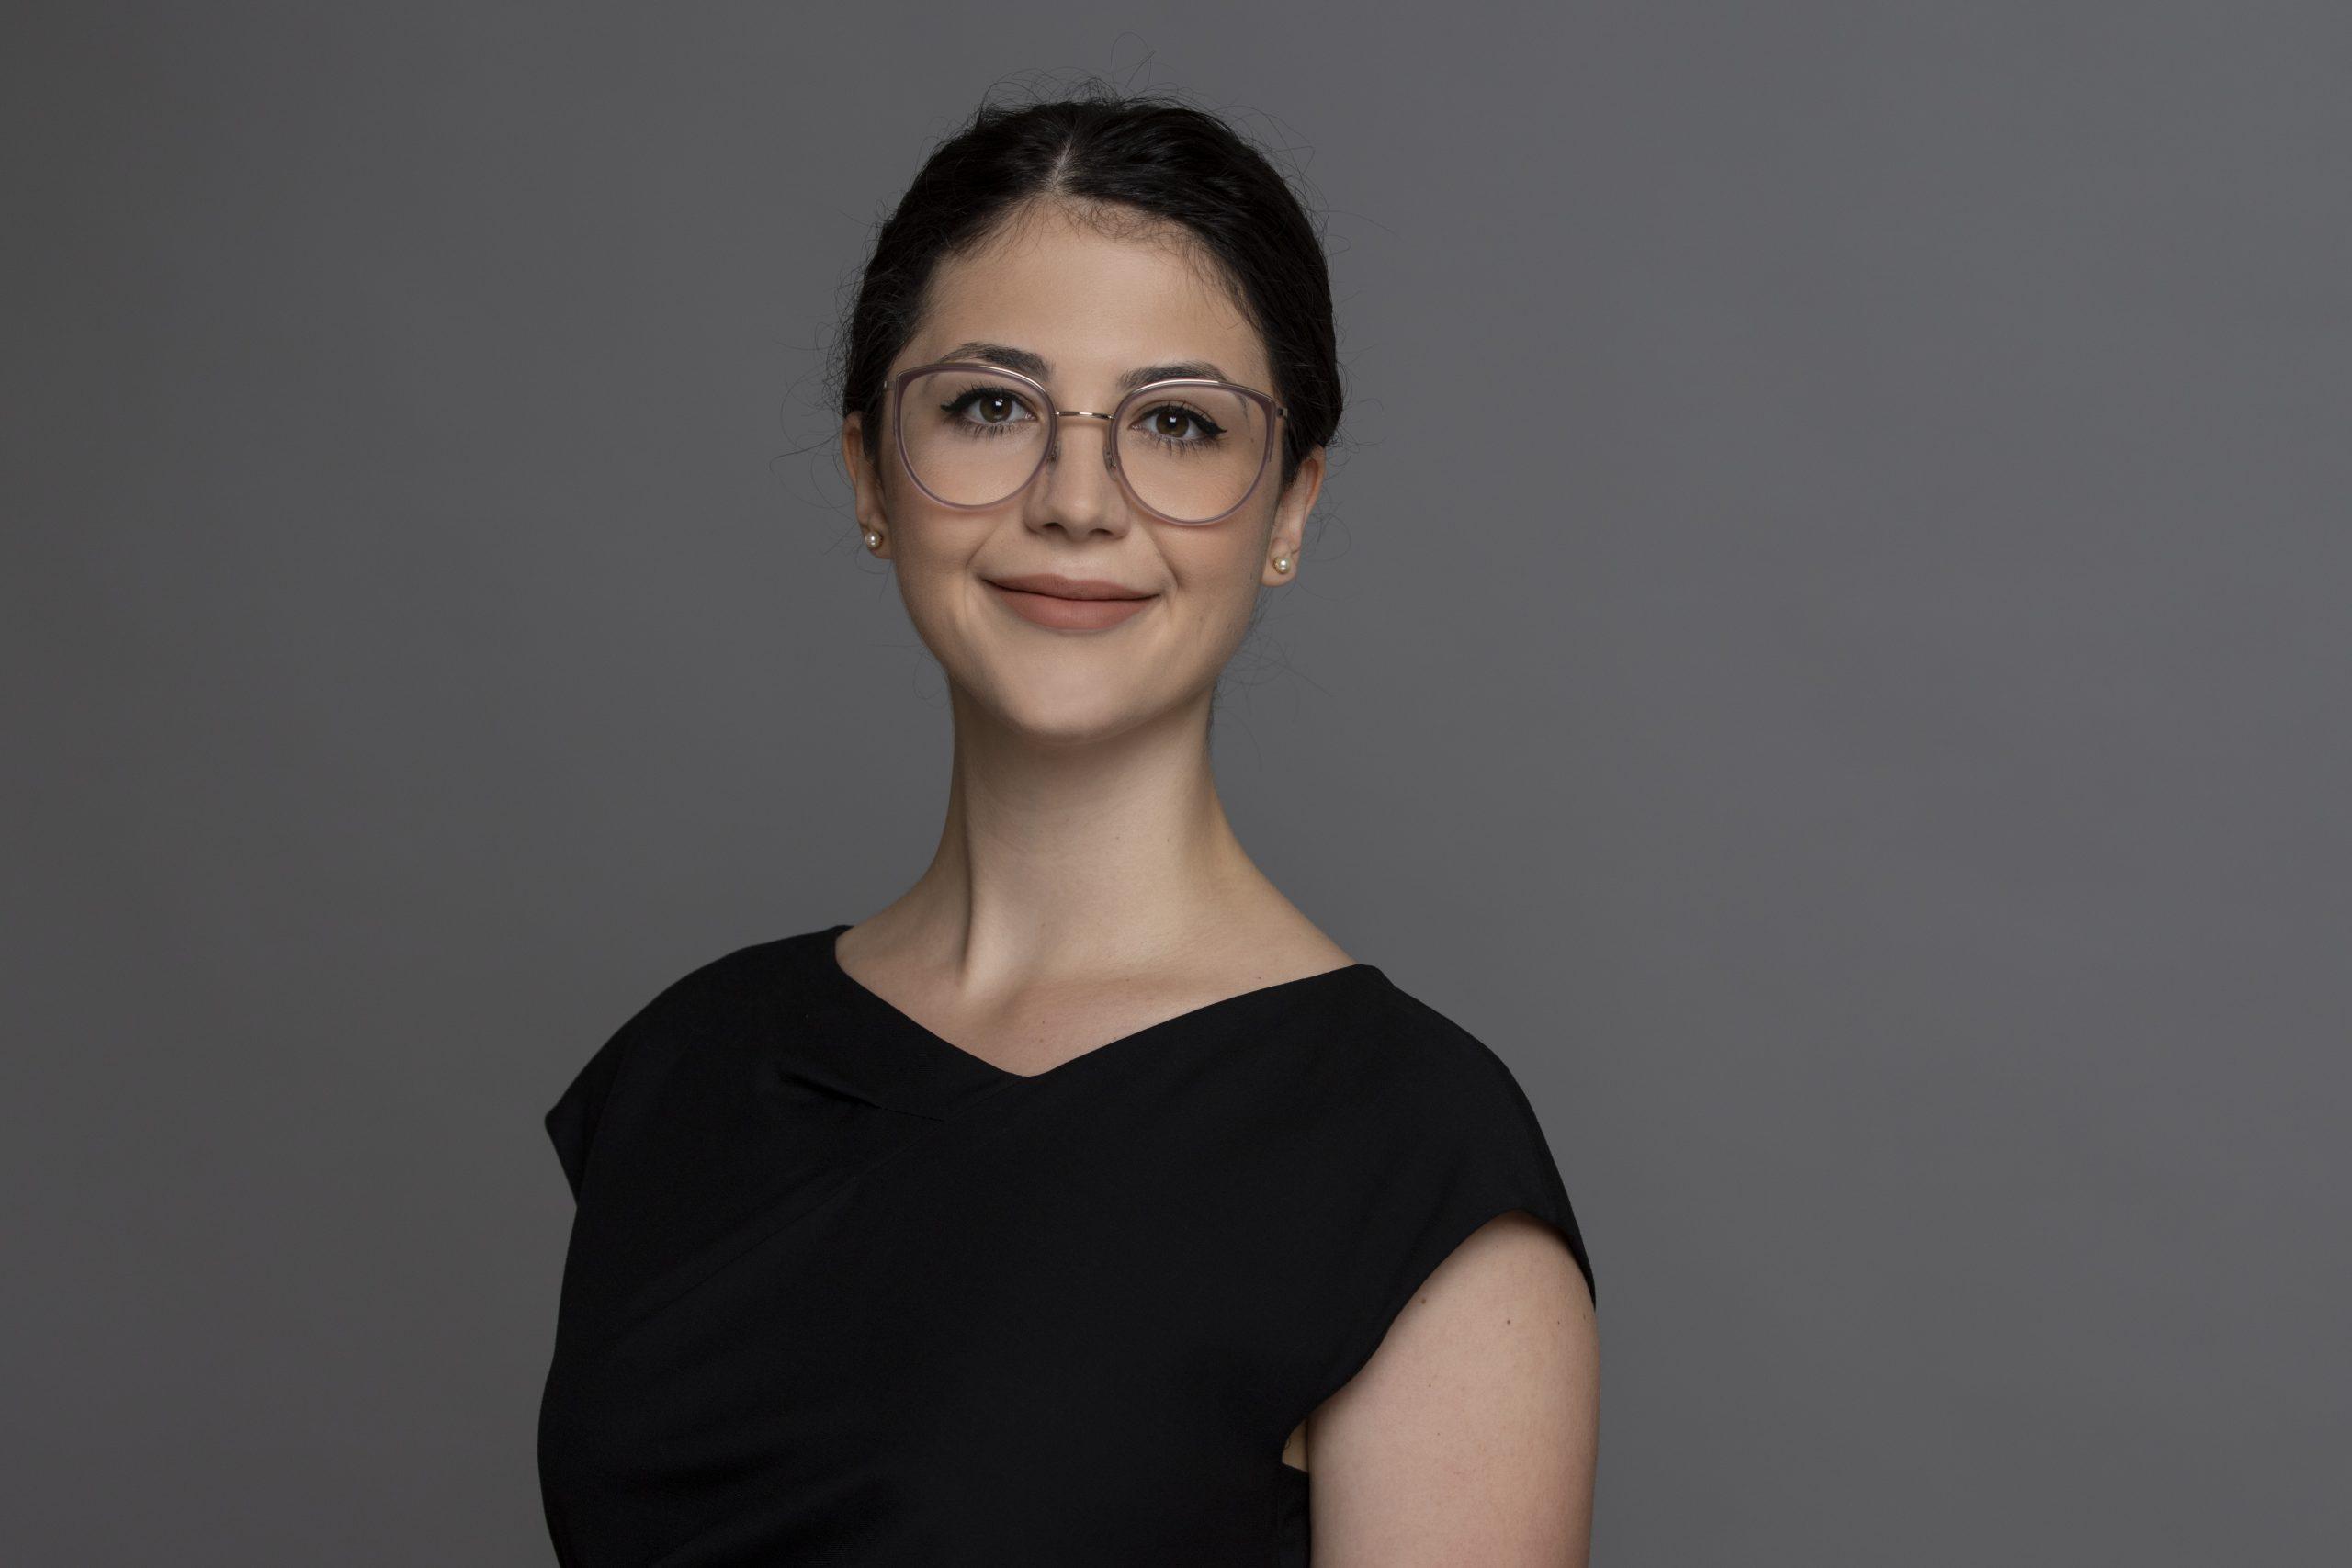 Ivana Petrovic - die durchsetzungsstarke Anwältin